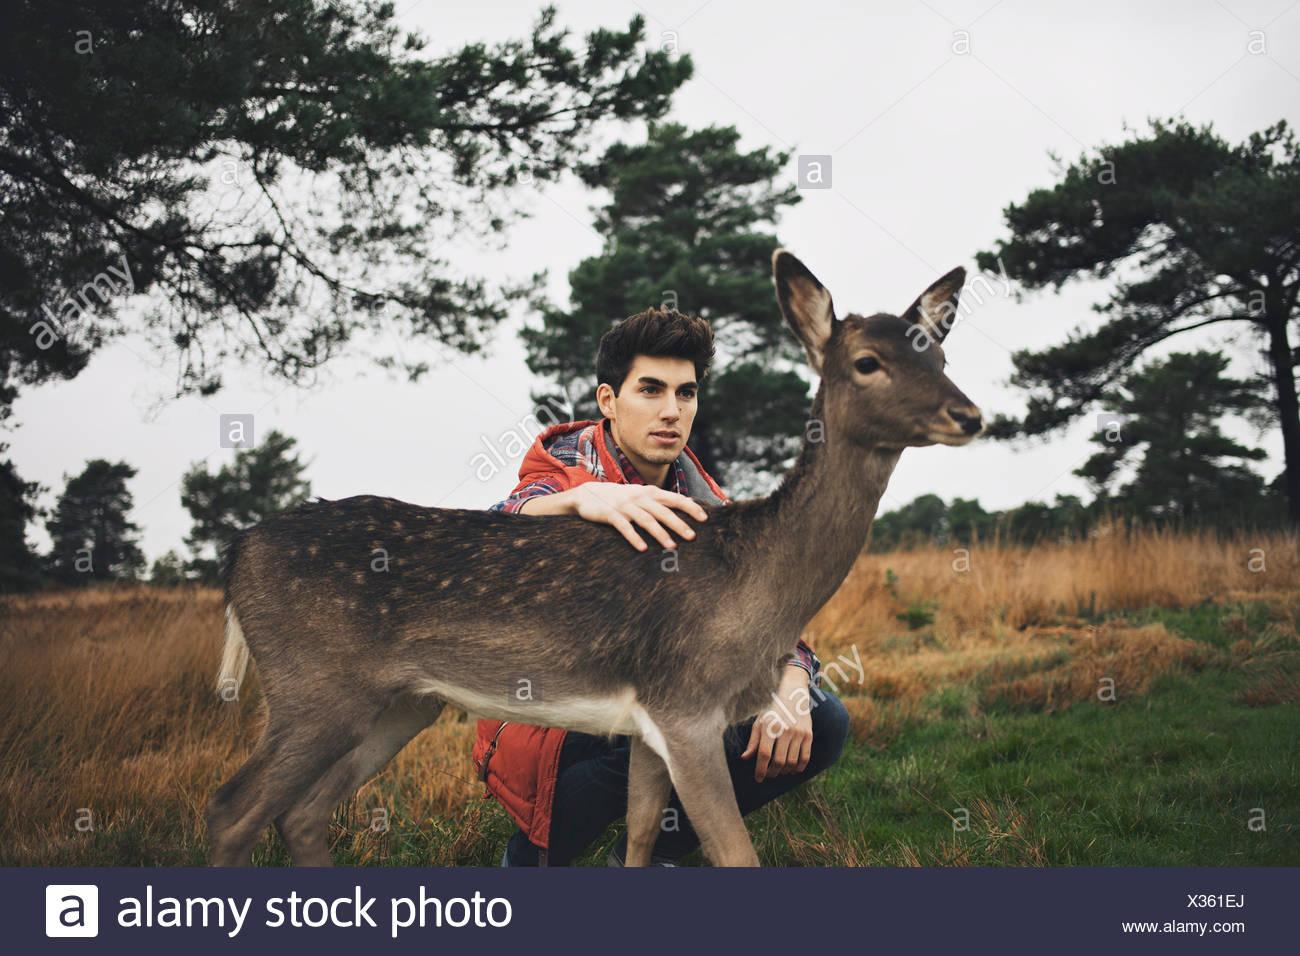 Jeune homme accroupi dans le champ de flatter un deer Photo Stock